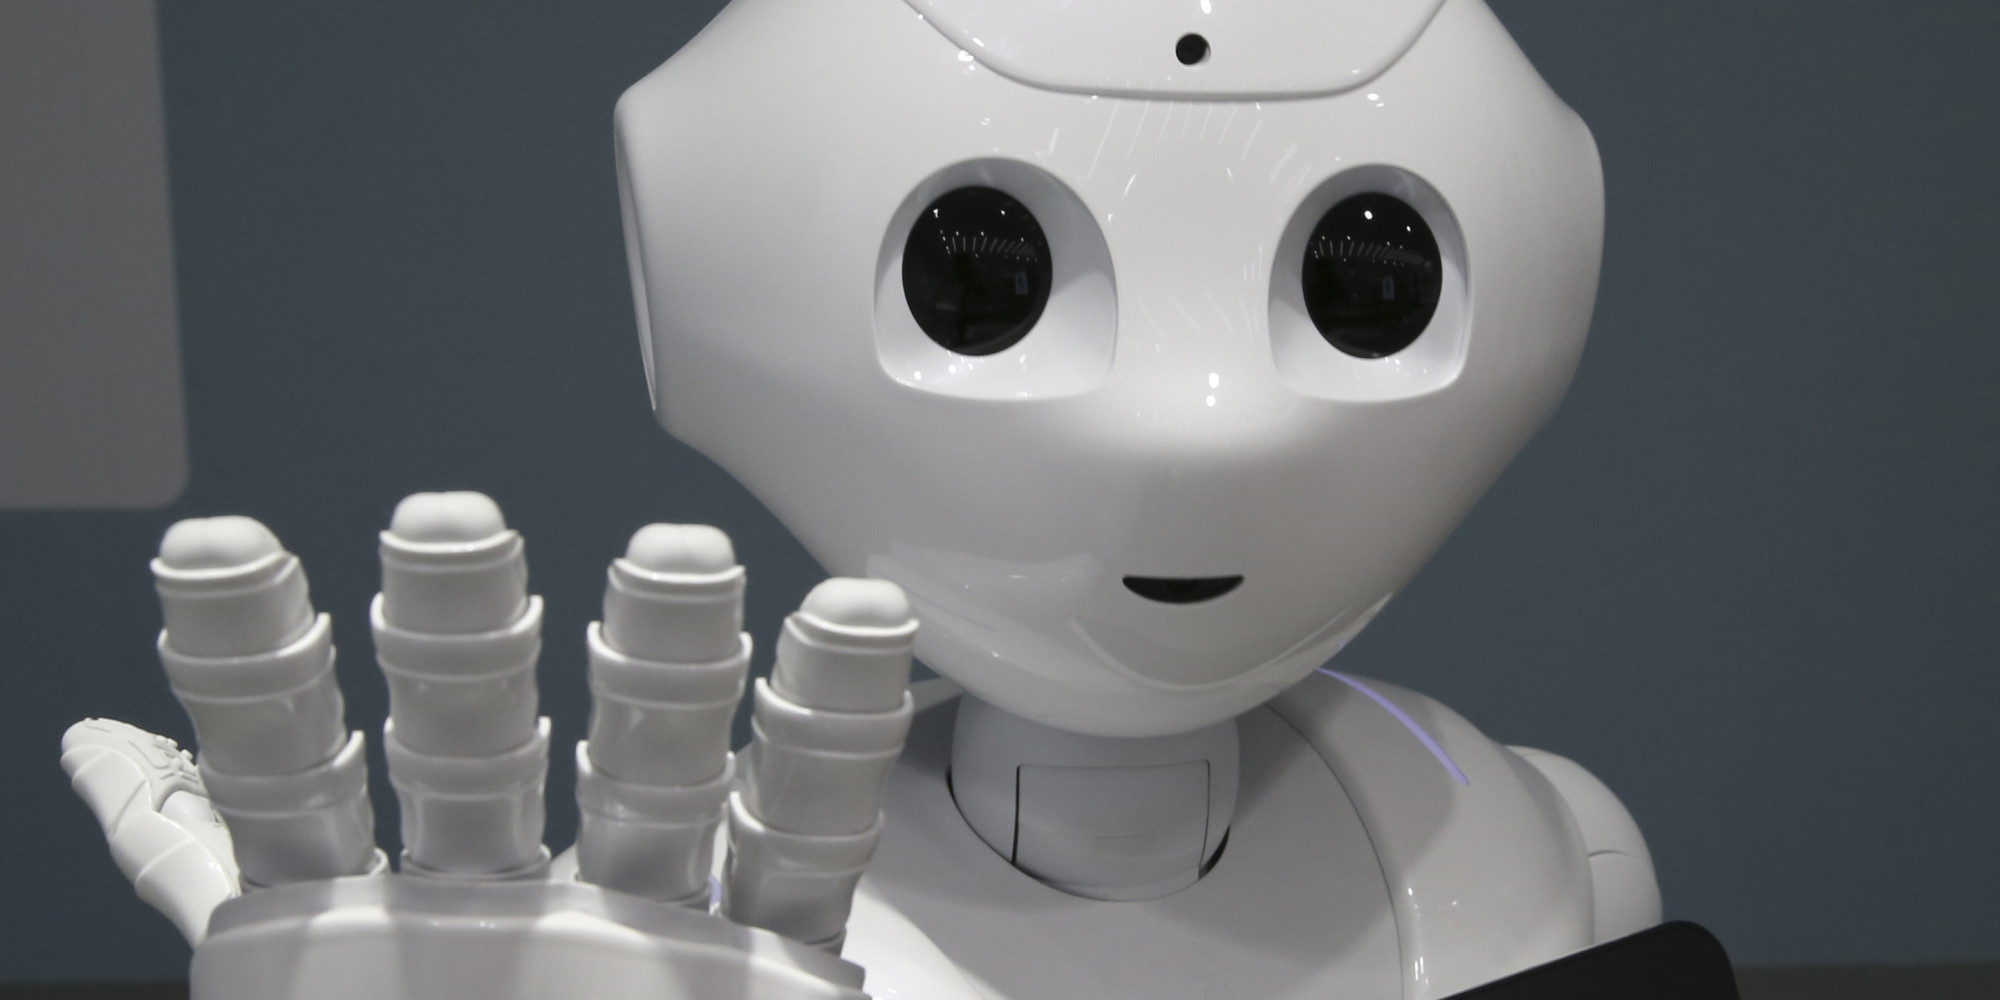 ペッパー君に感じる不安。。。ロボットに明日はあるのか。。。